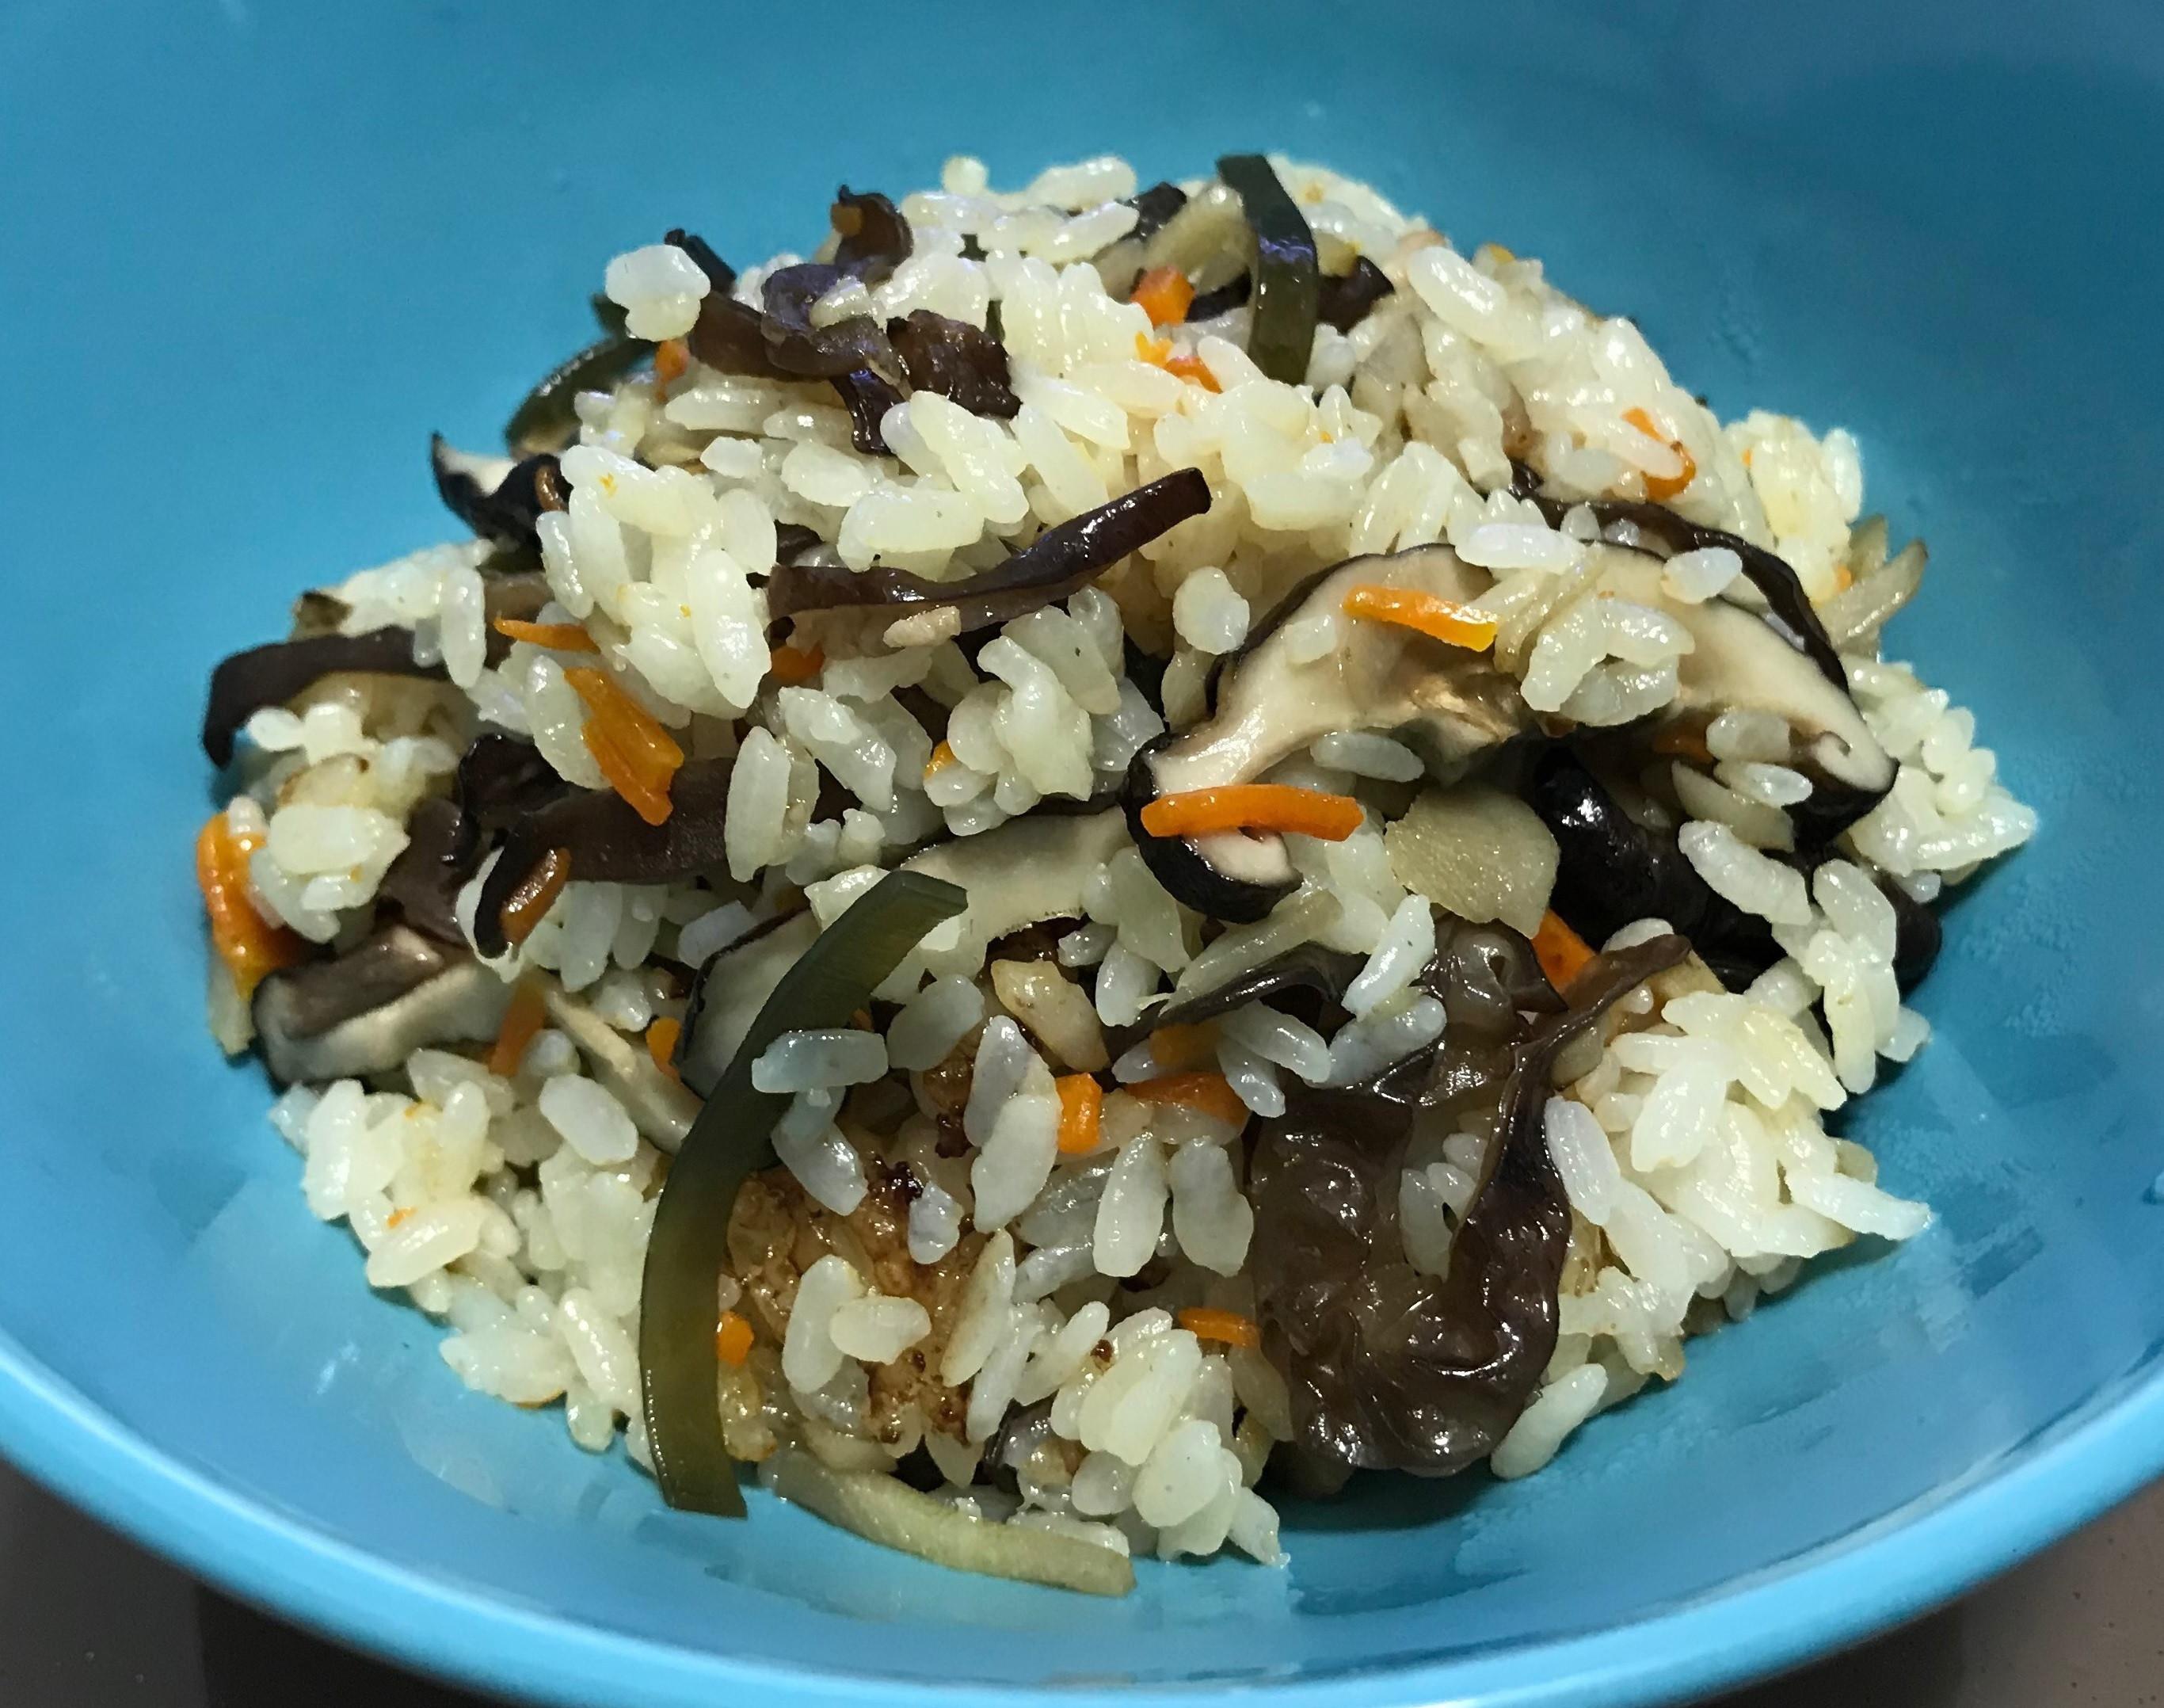 電子鍋料理--->雞肉牛蒡炊飯